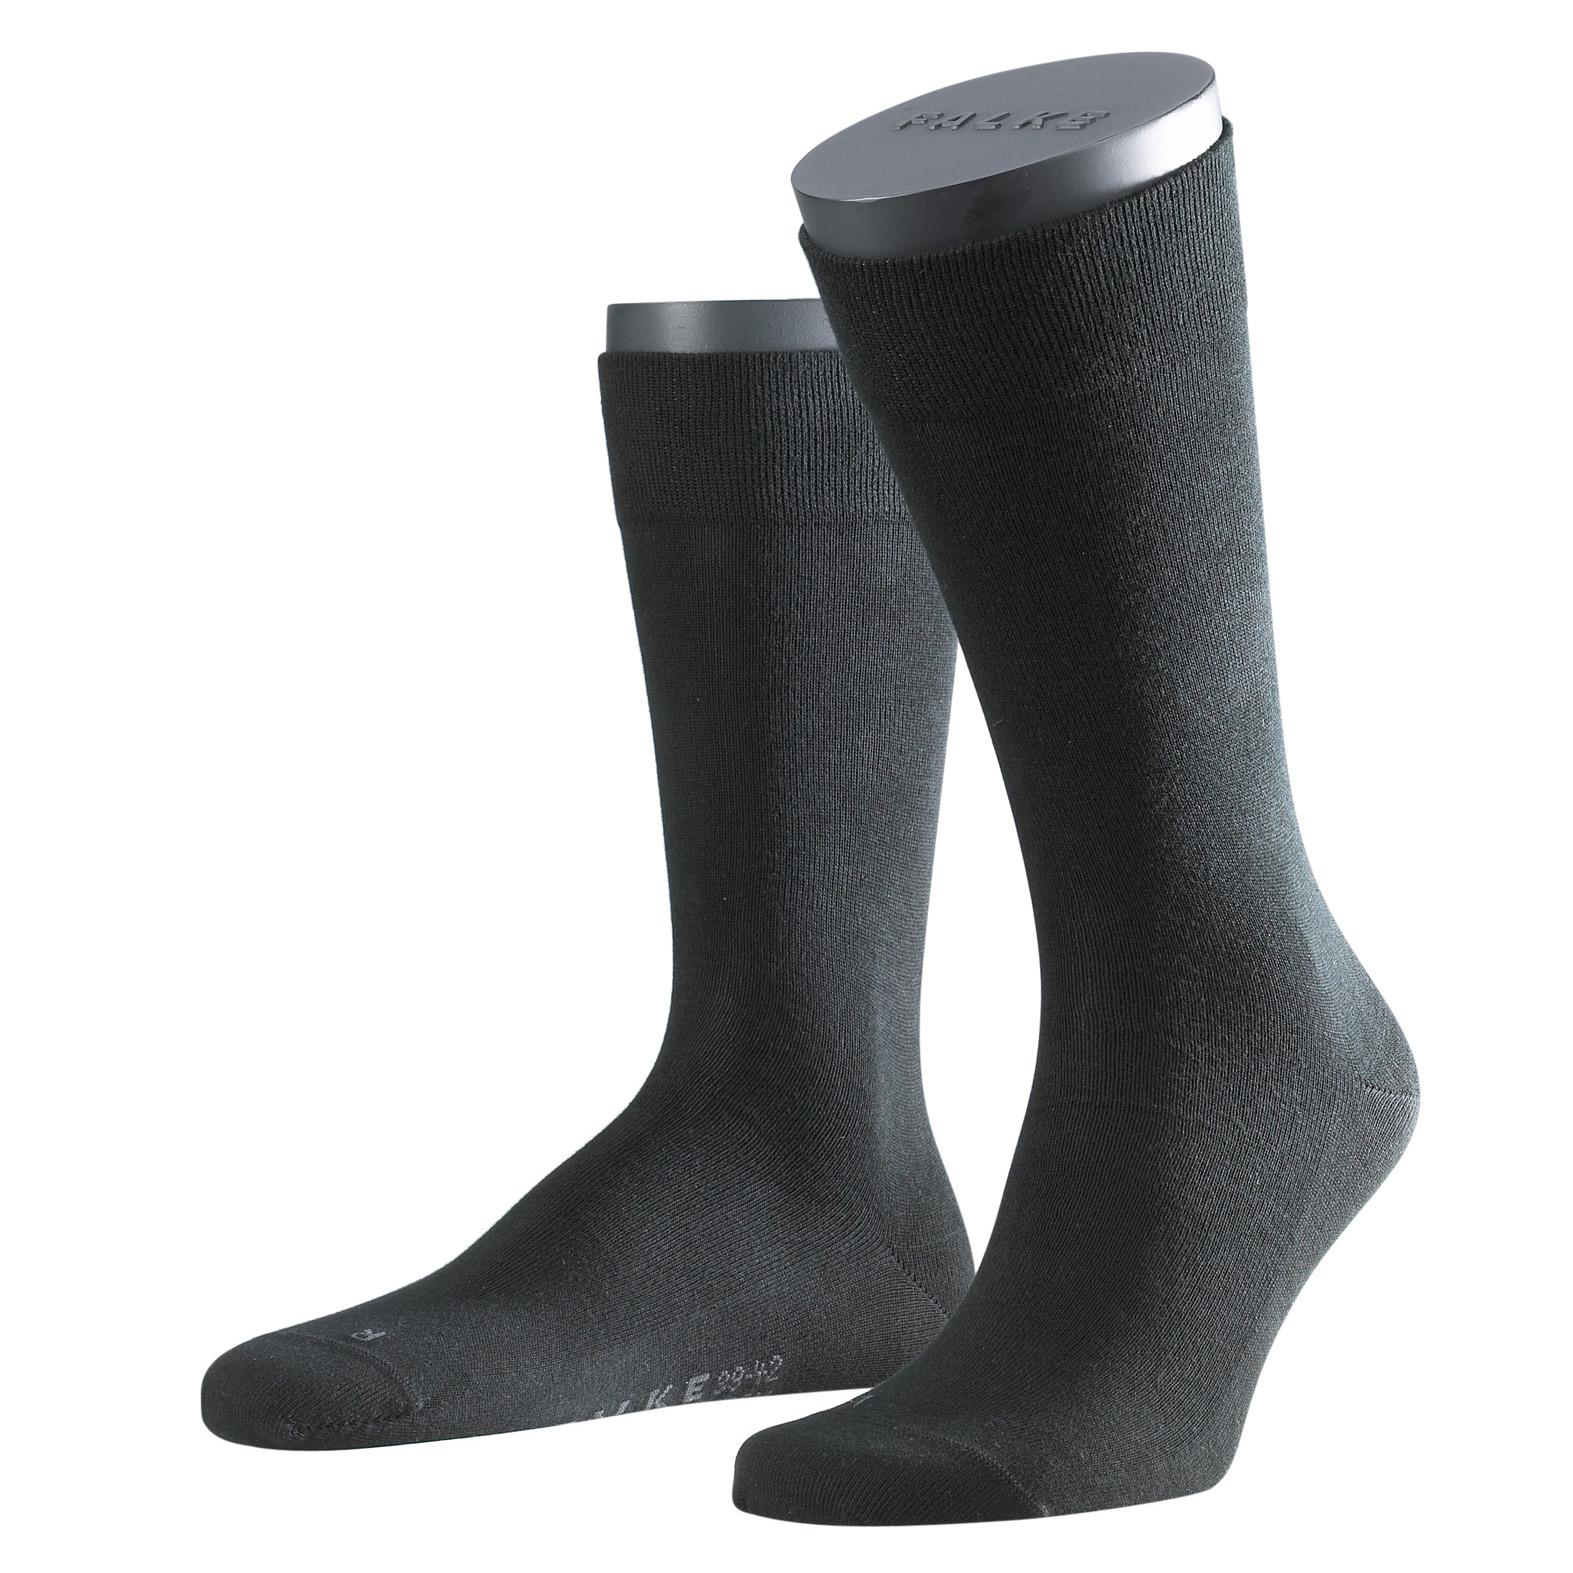 Falke Sensitive Socke London schwarz 14616 - 3000 Basic Baumwolle